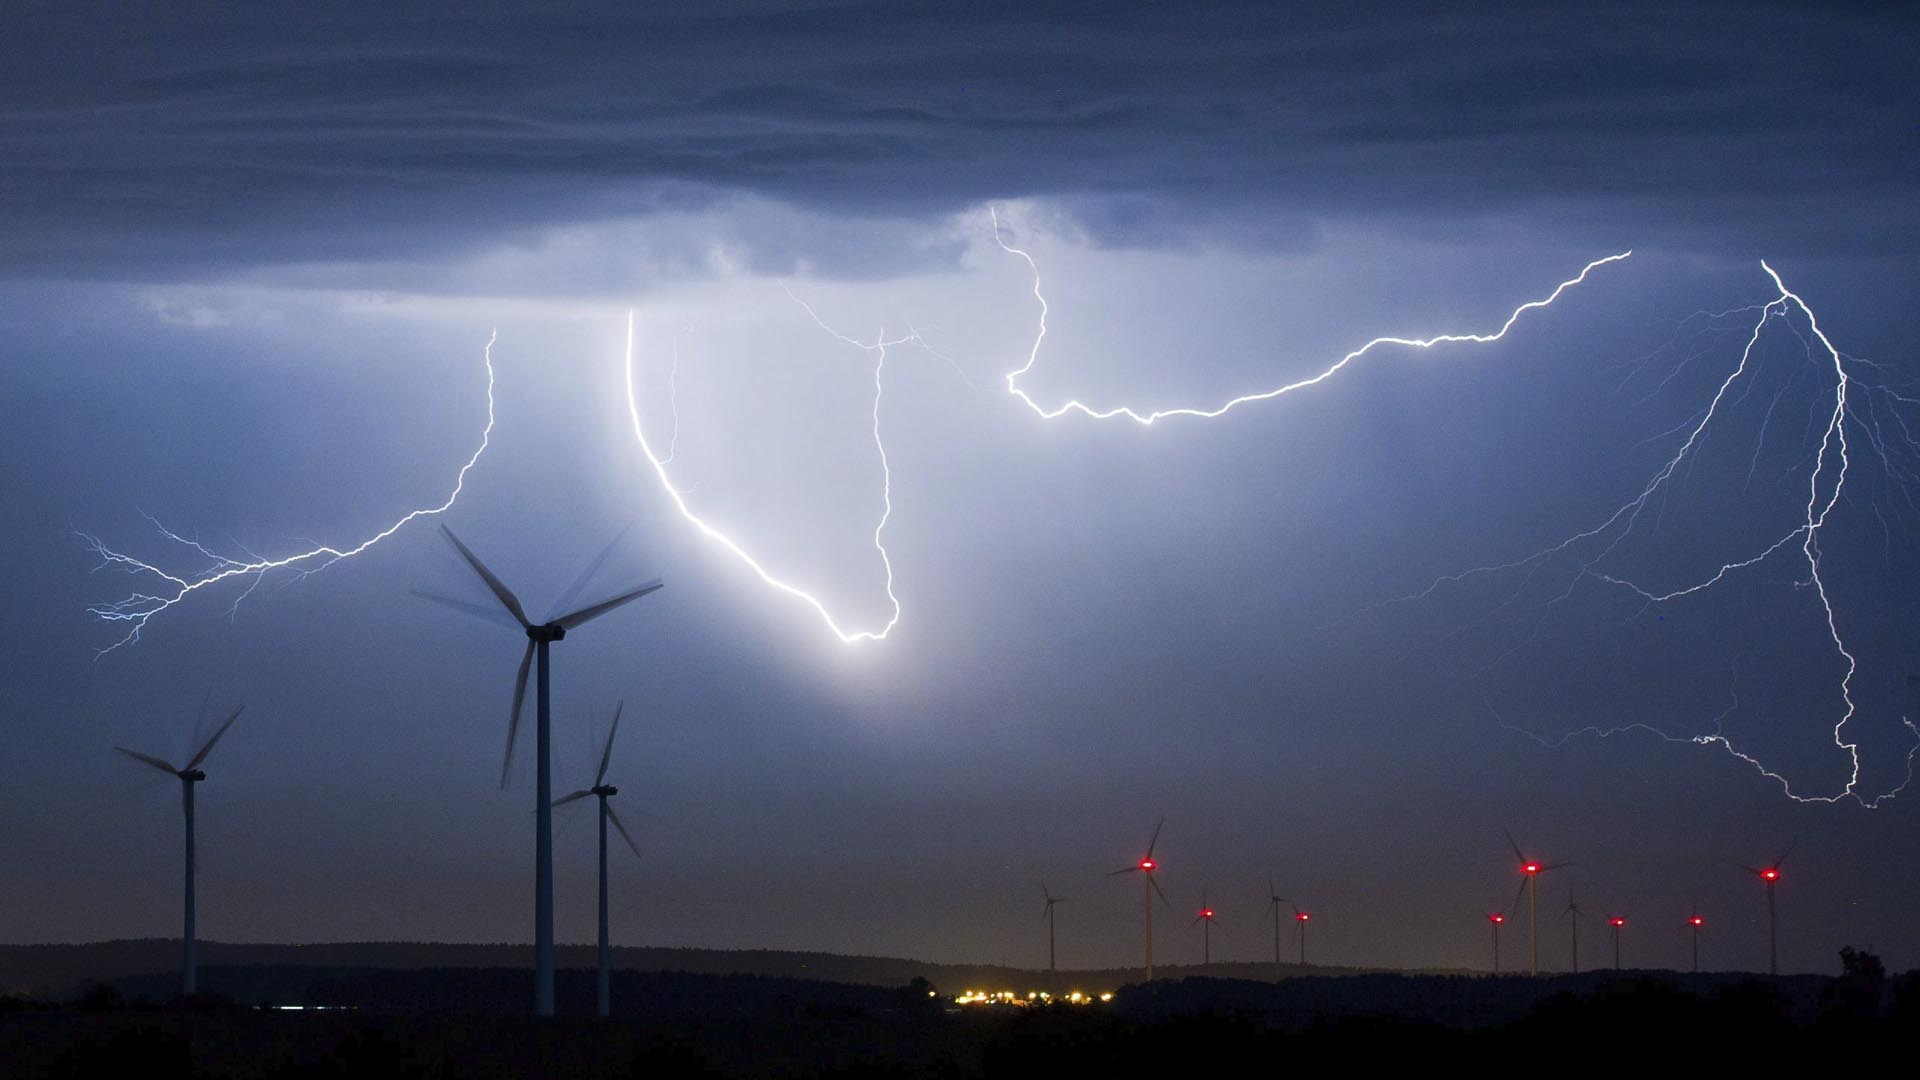 Más de 50 personas han perdido la vida por la temporada de lluvia y la creciente actividad eléctrica que está conlleva